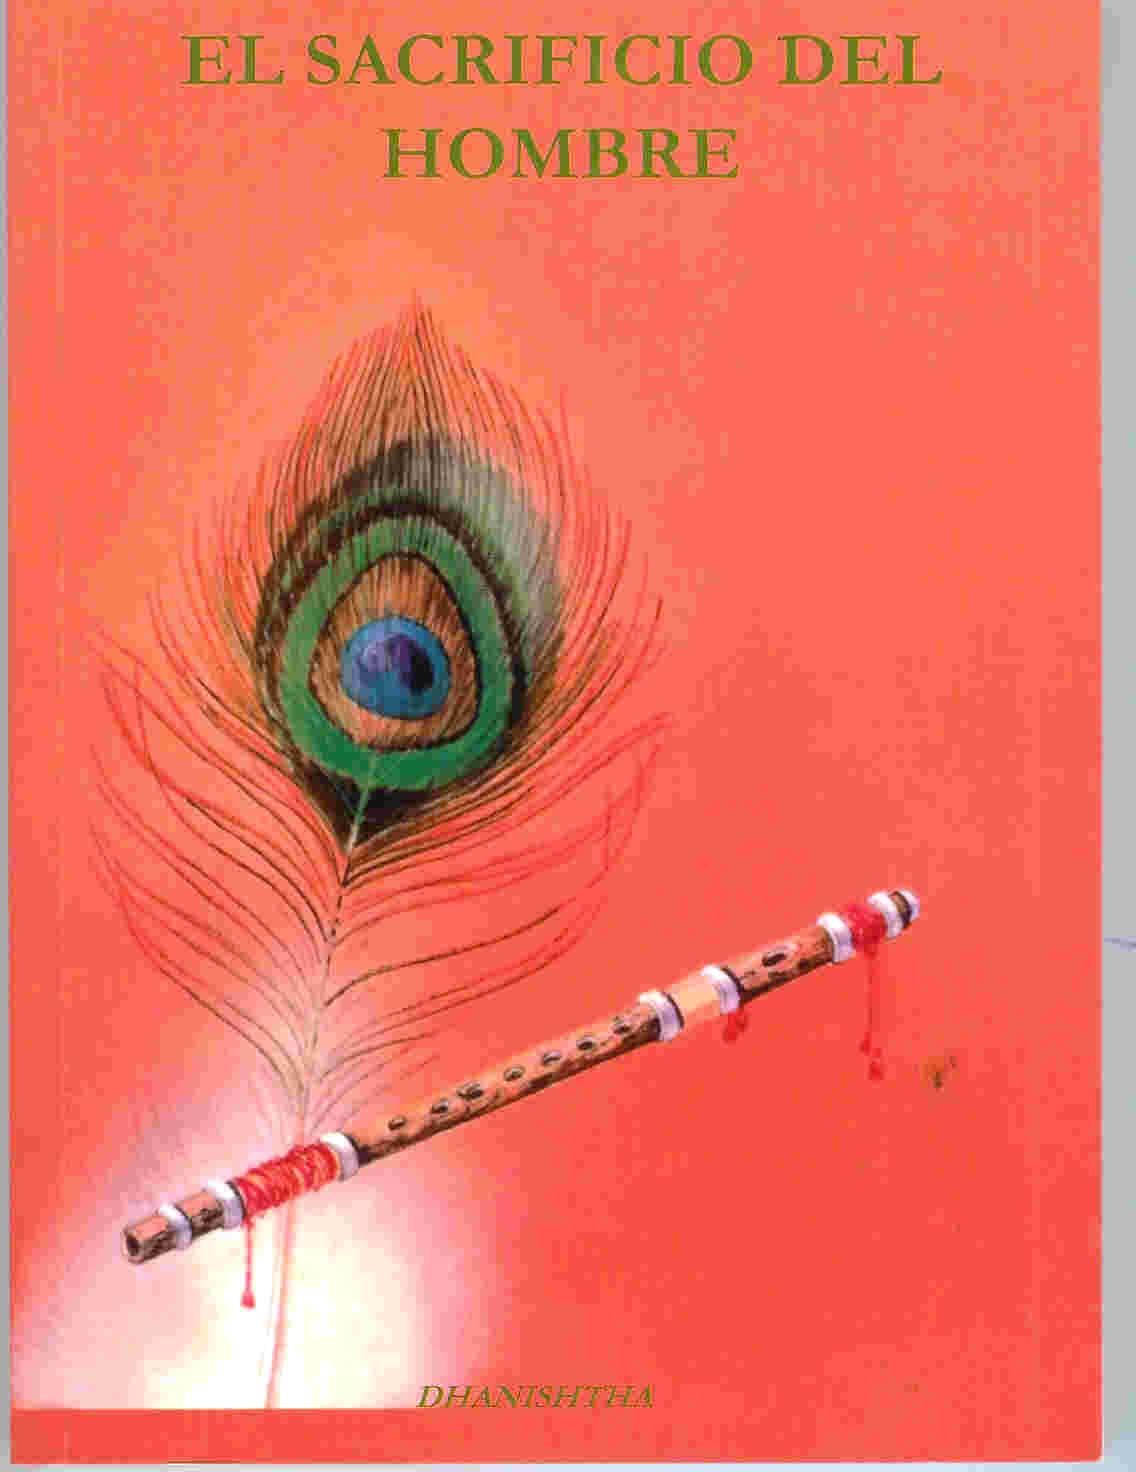 El Sacrificio del Hombre WTT libros de sabiduría gratis en PDF Ediciones dhanishtha